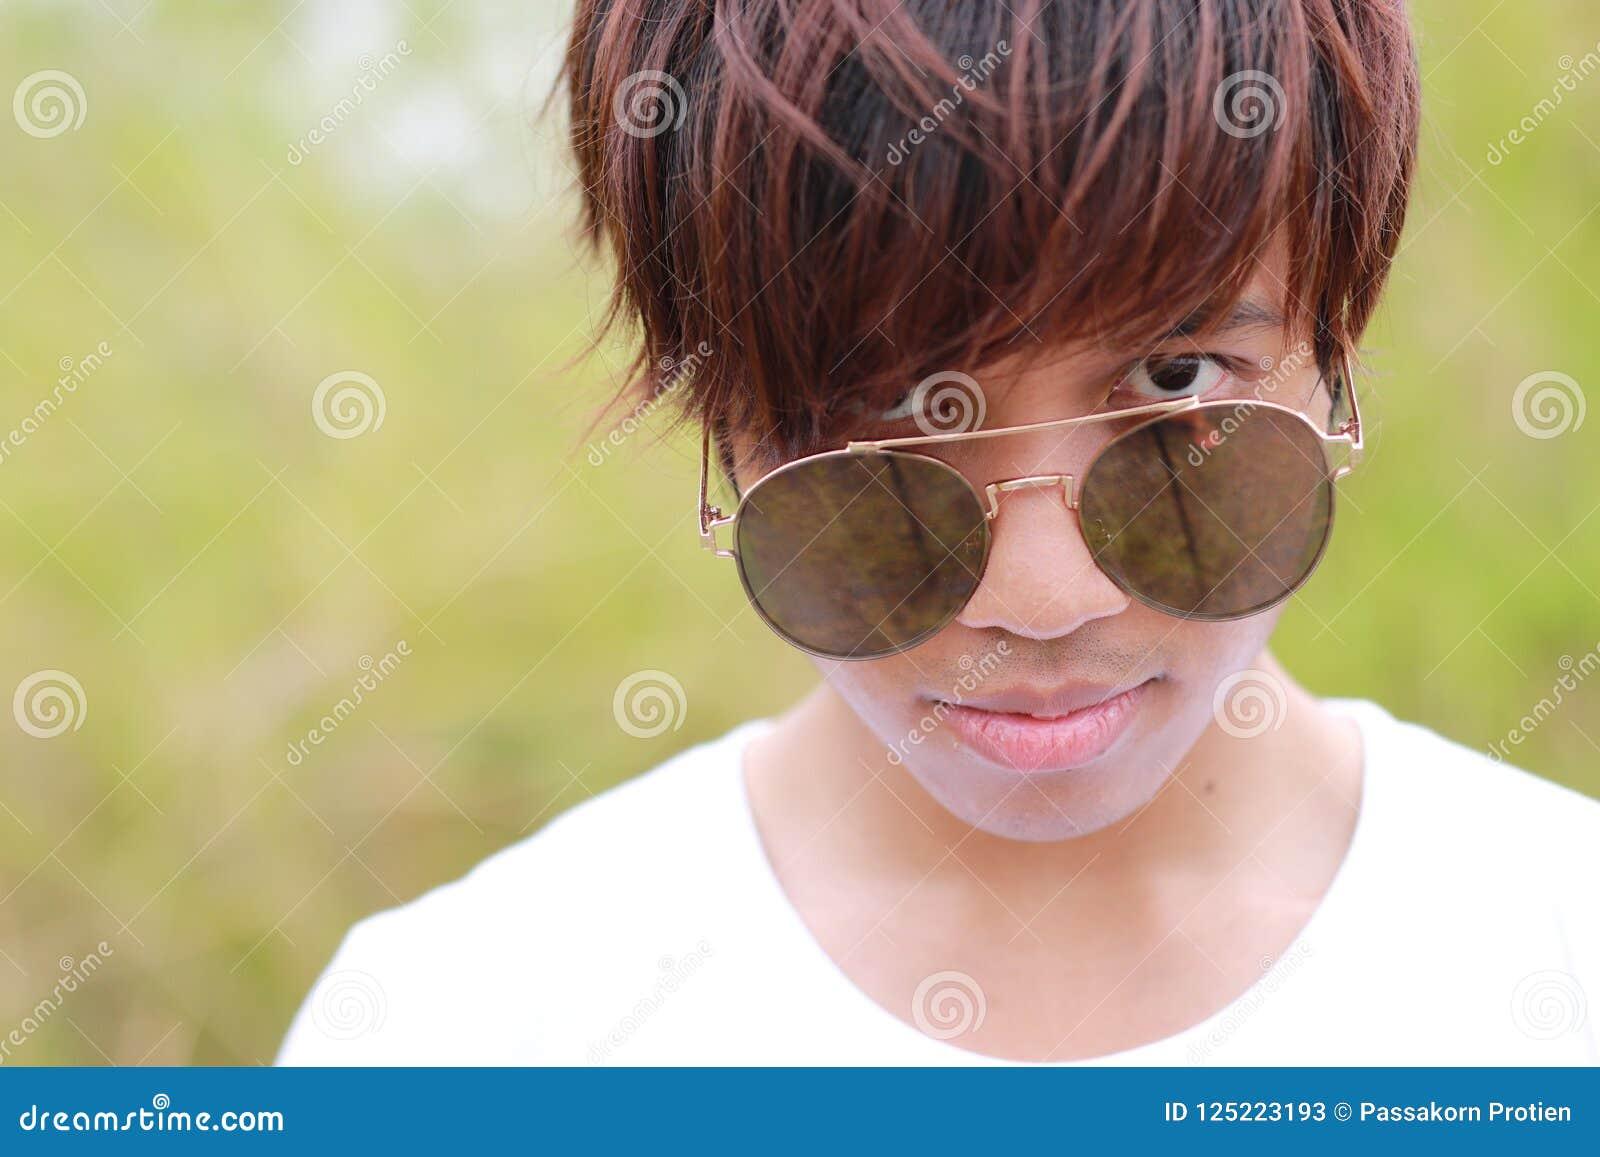 Huvudet som skjutas av thailändsk manlig tonåring i den vit t-skjortan och solglasögon, är stirrigt på kameran